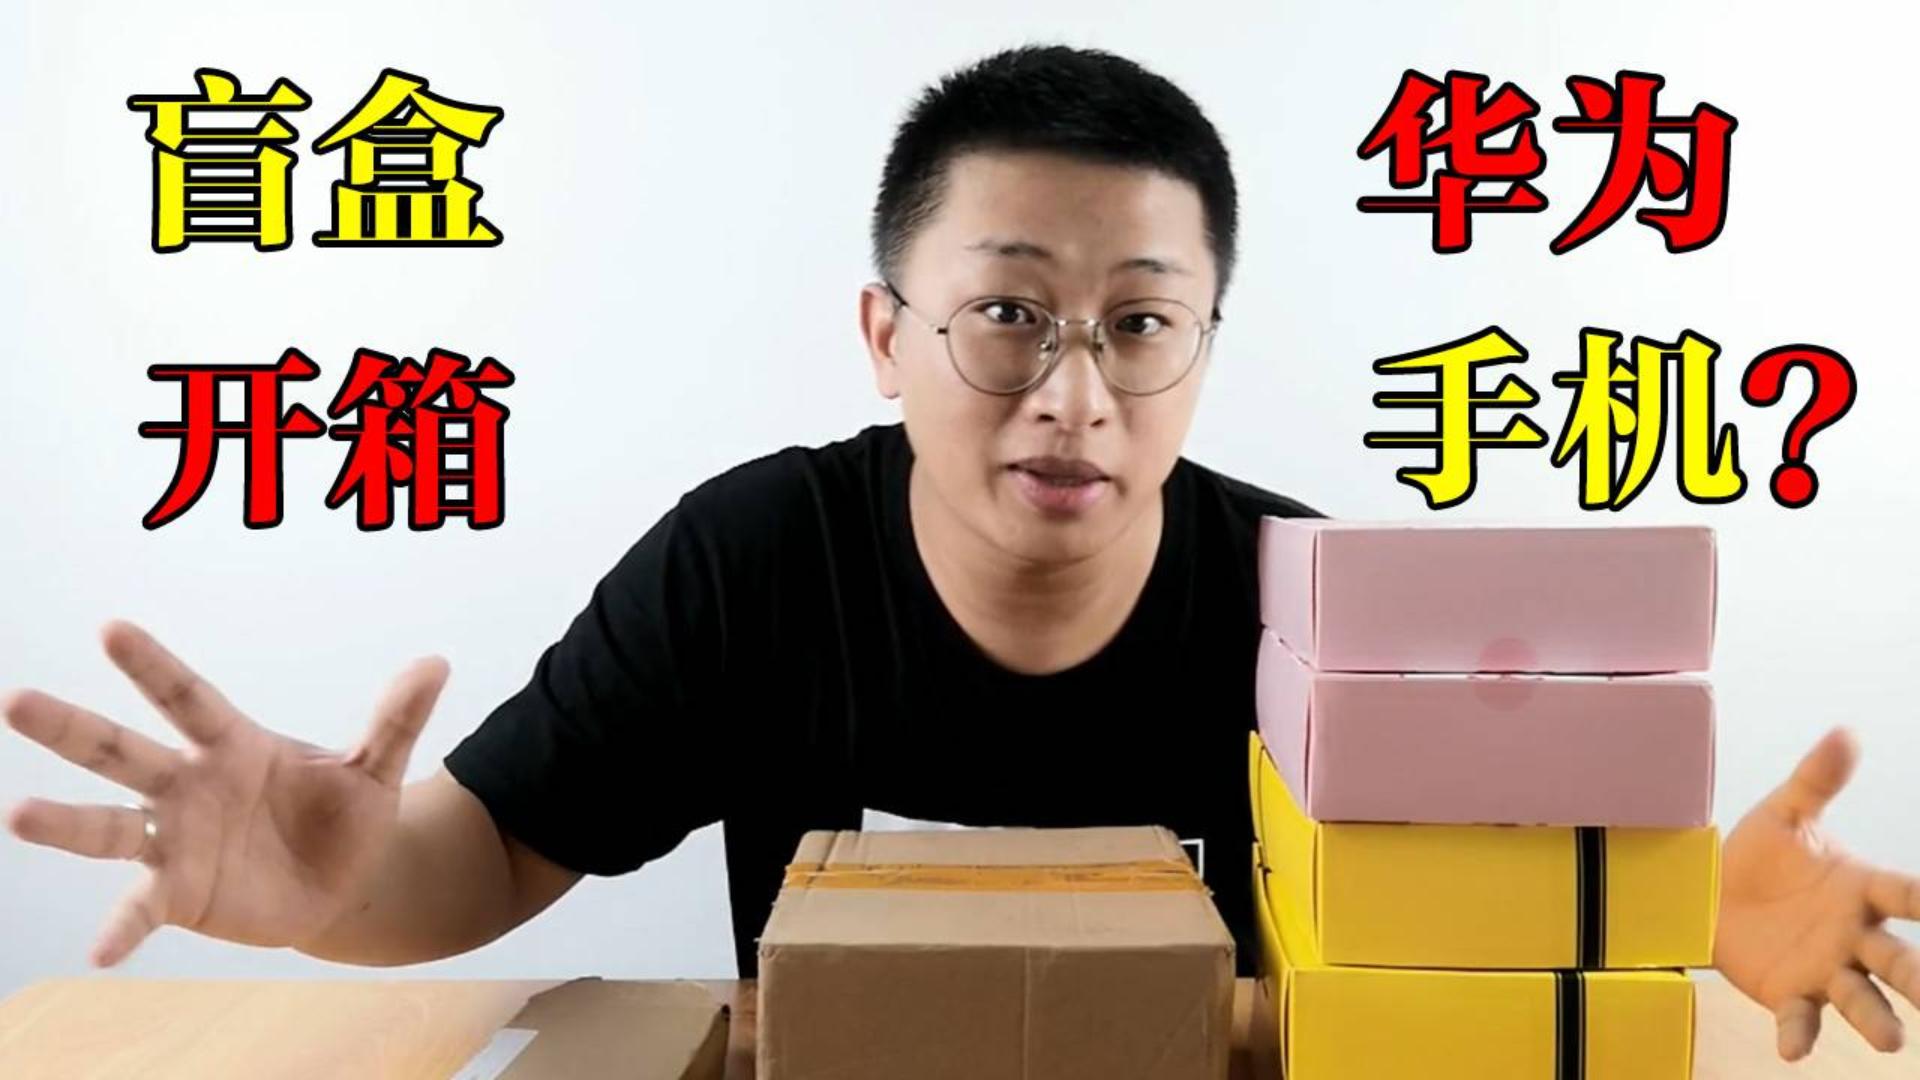 盲盒真能开出华为手机?花100元买5个盲盒,看看到底能开出什么